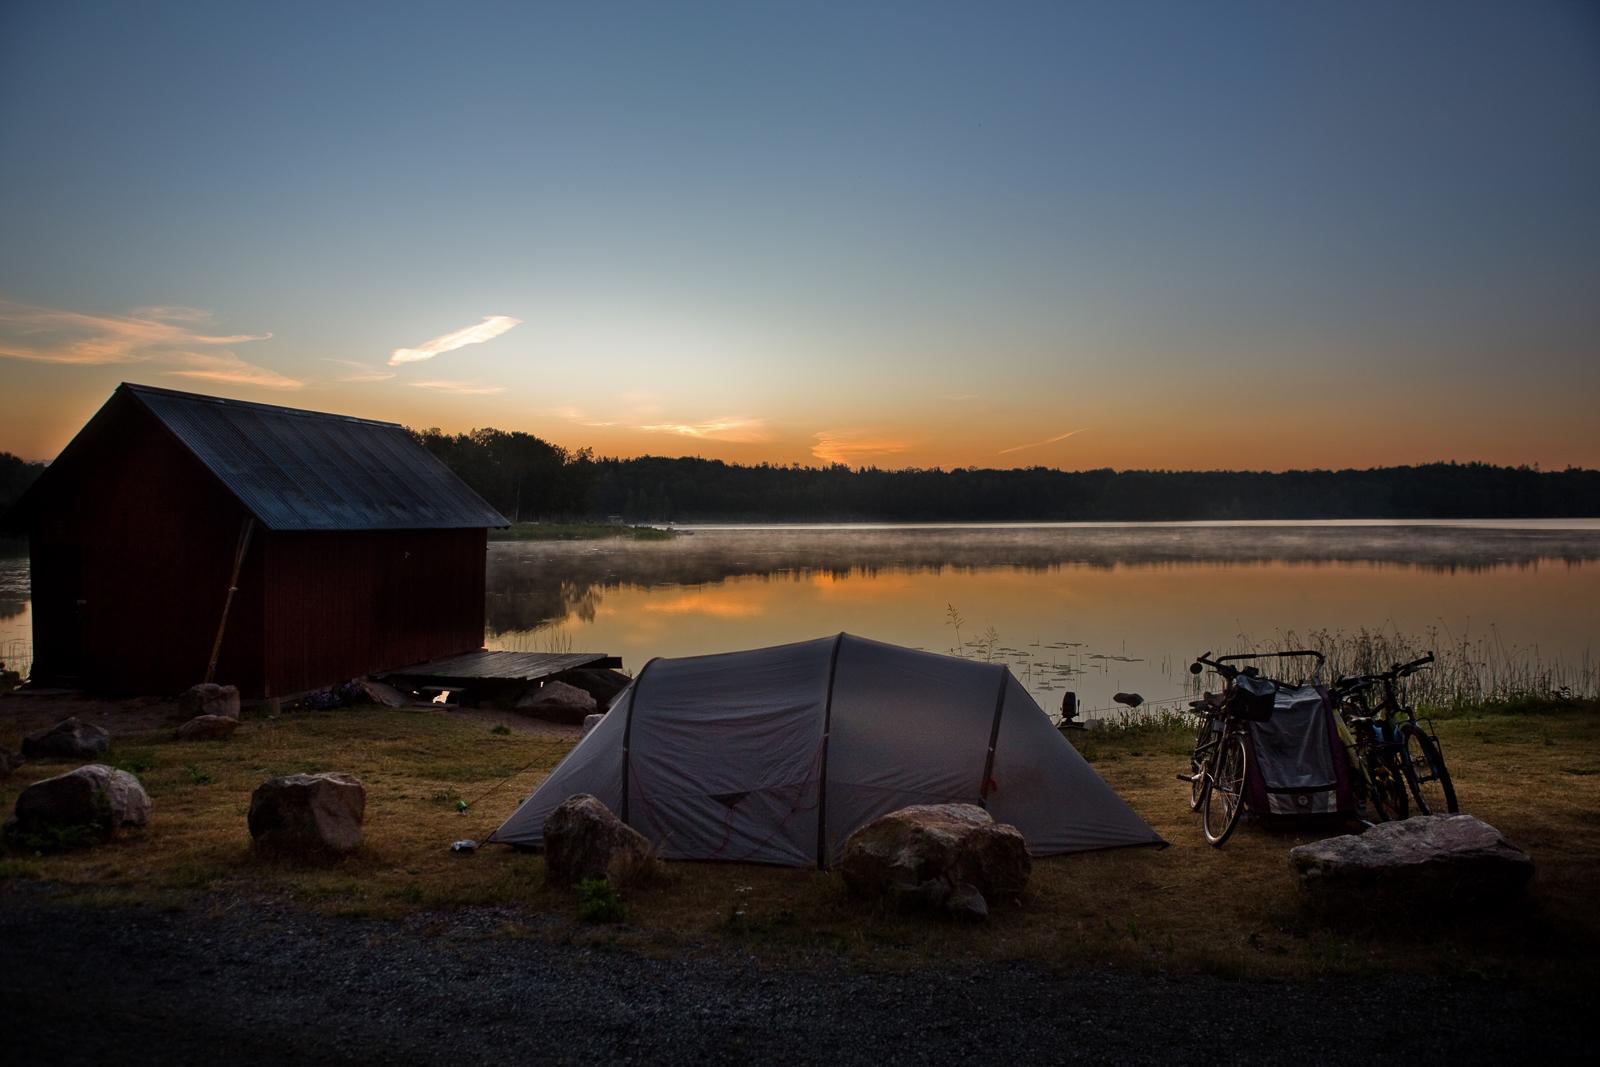 szwecja spanie na dziko002